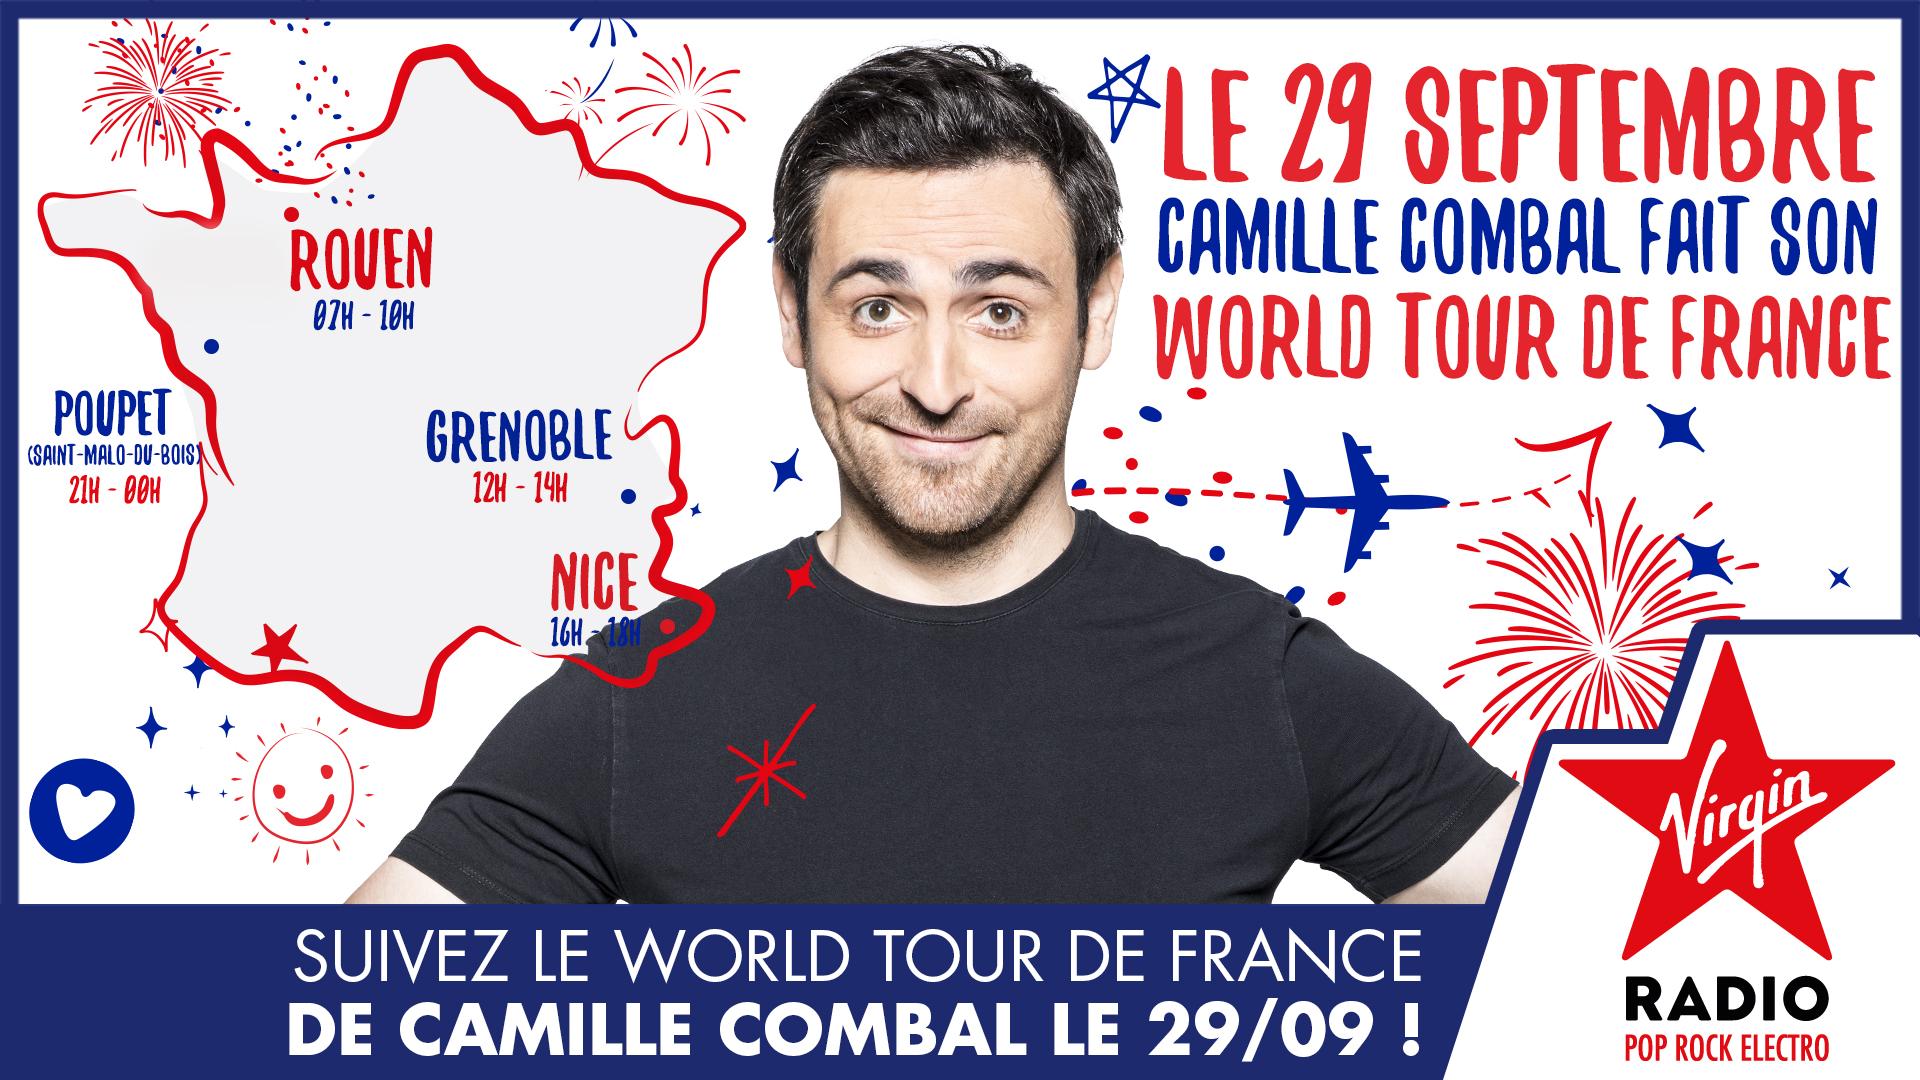 World Tour de France de Camille Combal